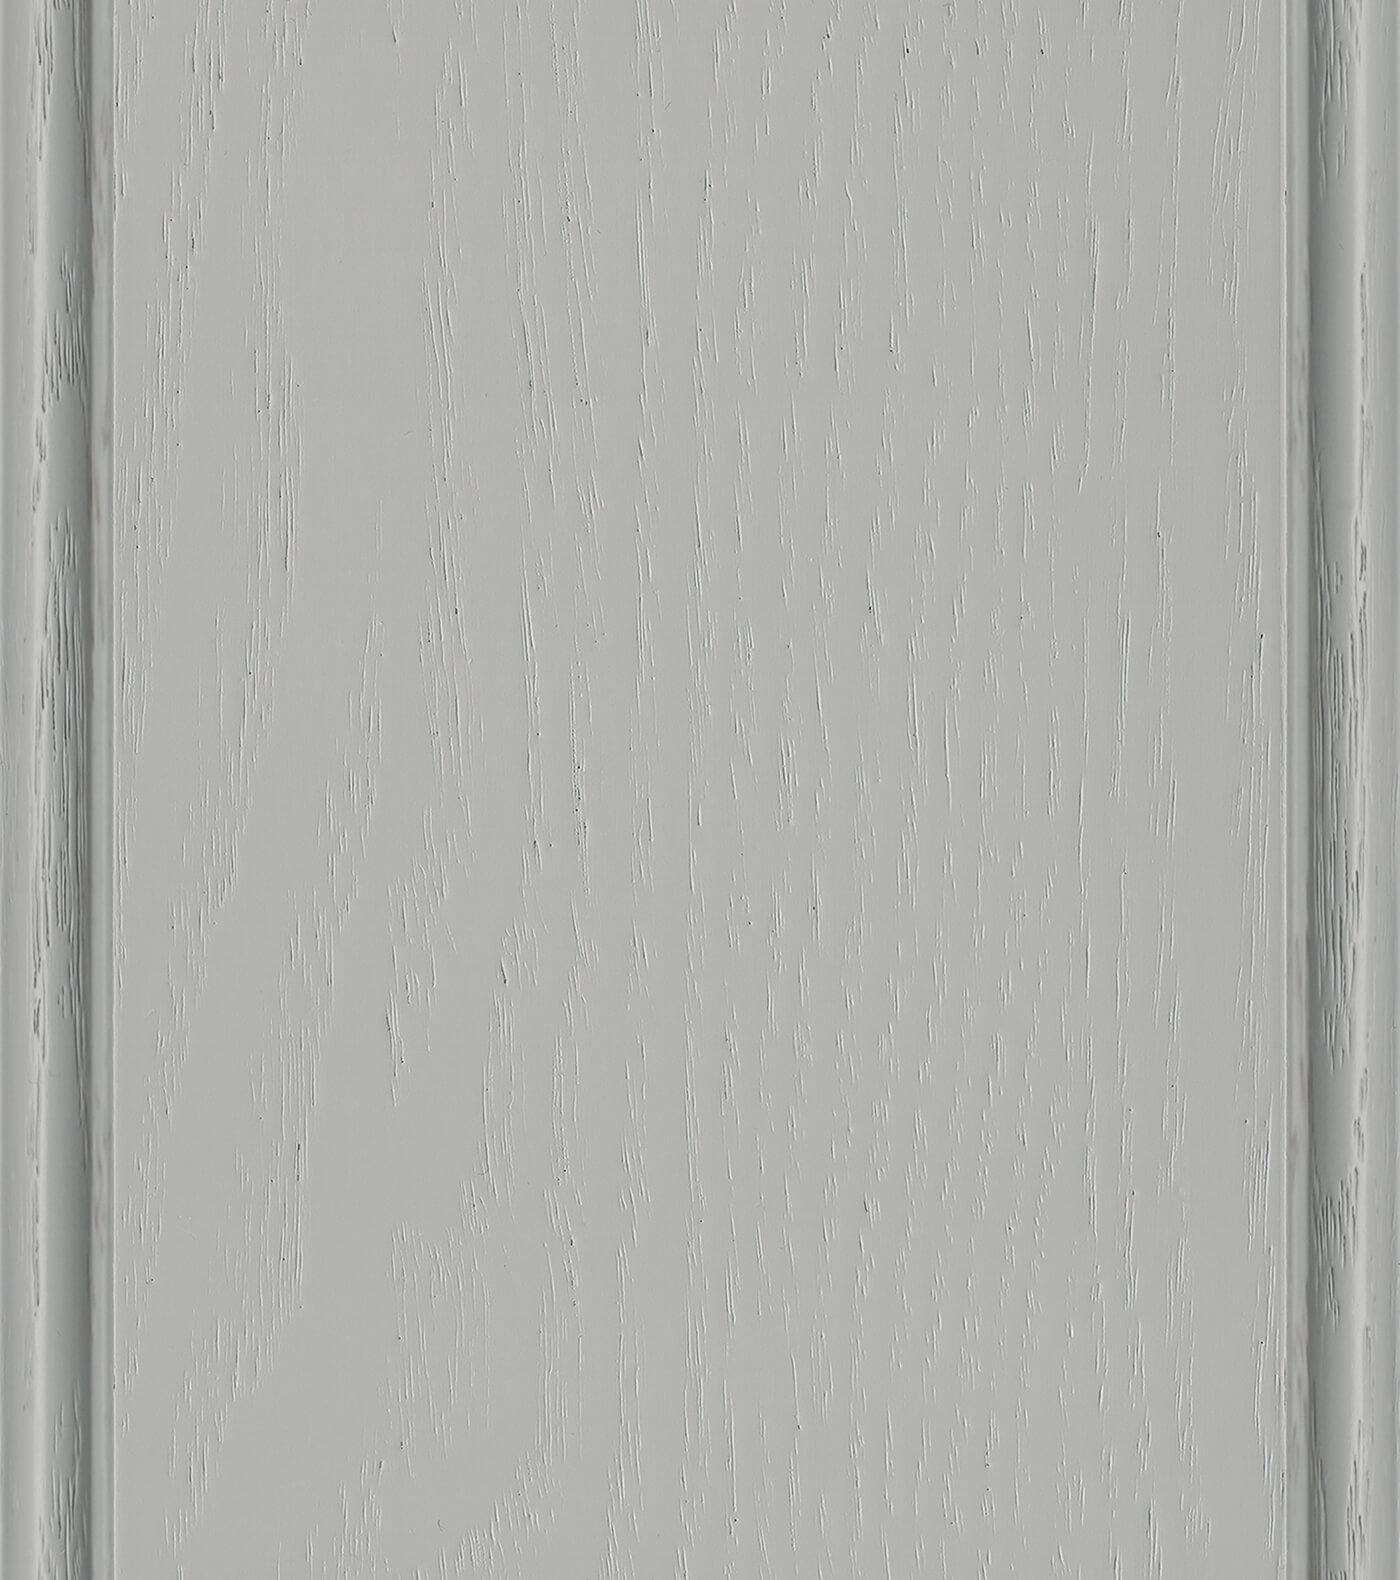 Zinc Paint on Red Oak or Quarter-Sawn Red Oak